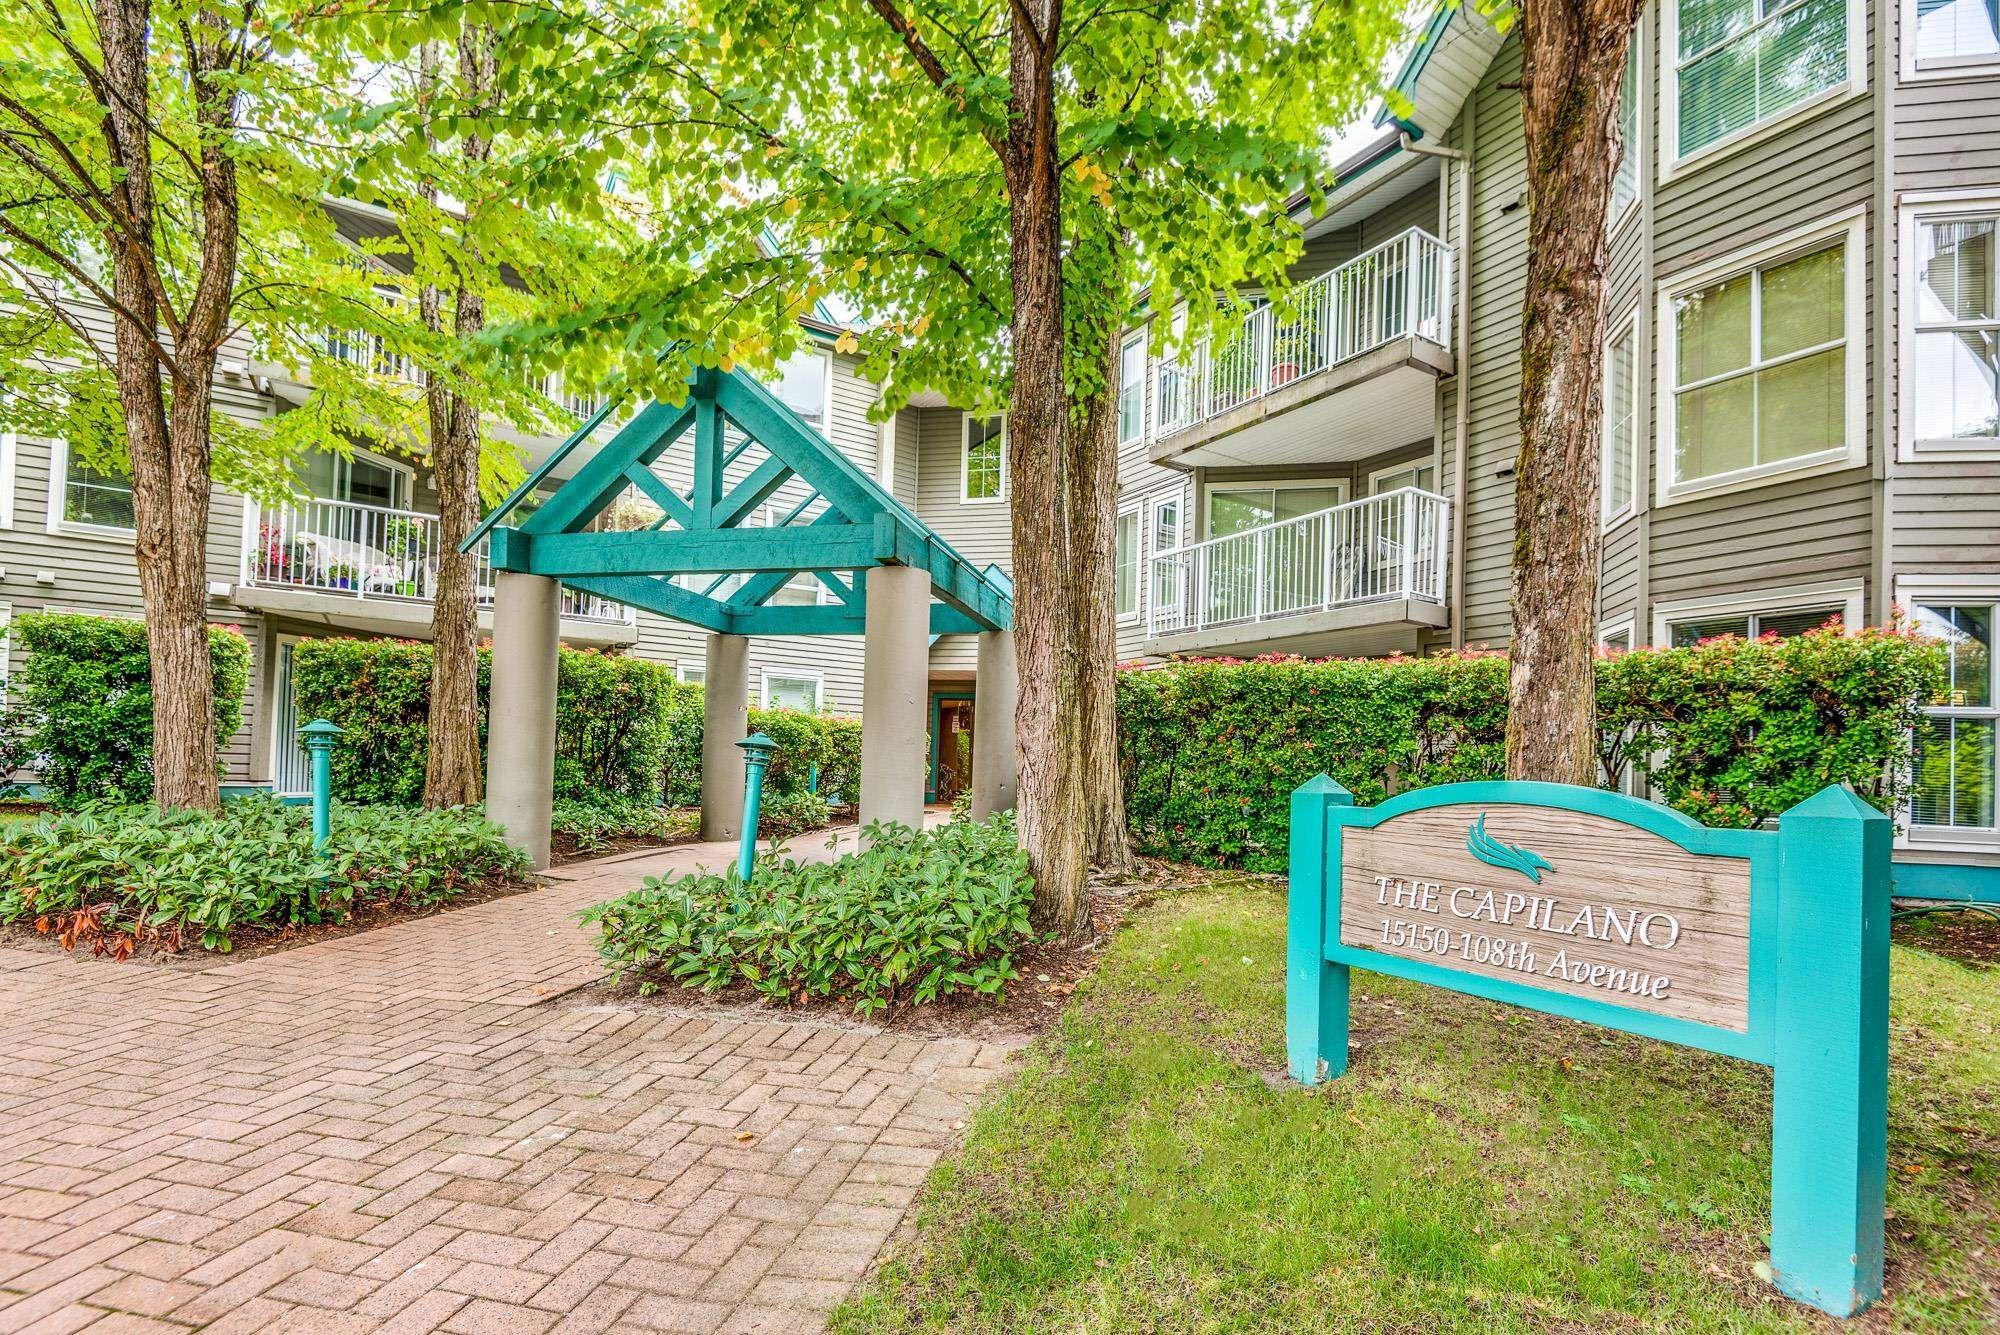 """Main Photo: 101 15150 108 Avenue in Surrey: Guildford Condo for sale in """"Riverpointe"""" (North Surrey)  : MLS®# R2613508"""